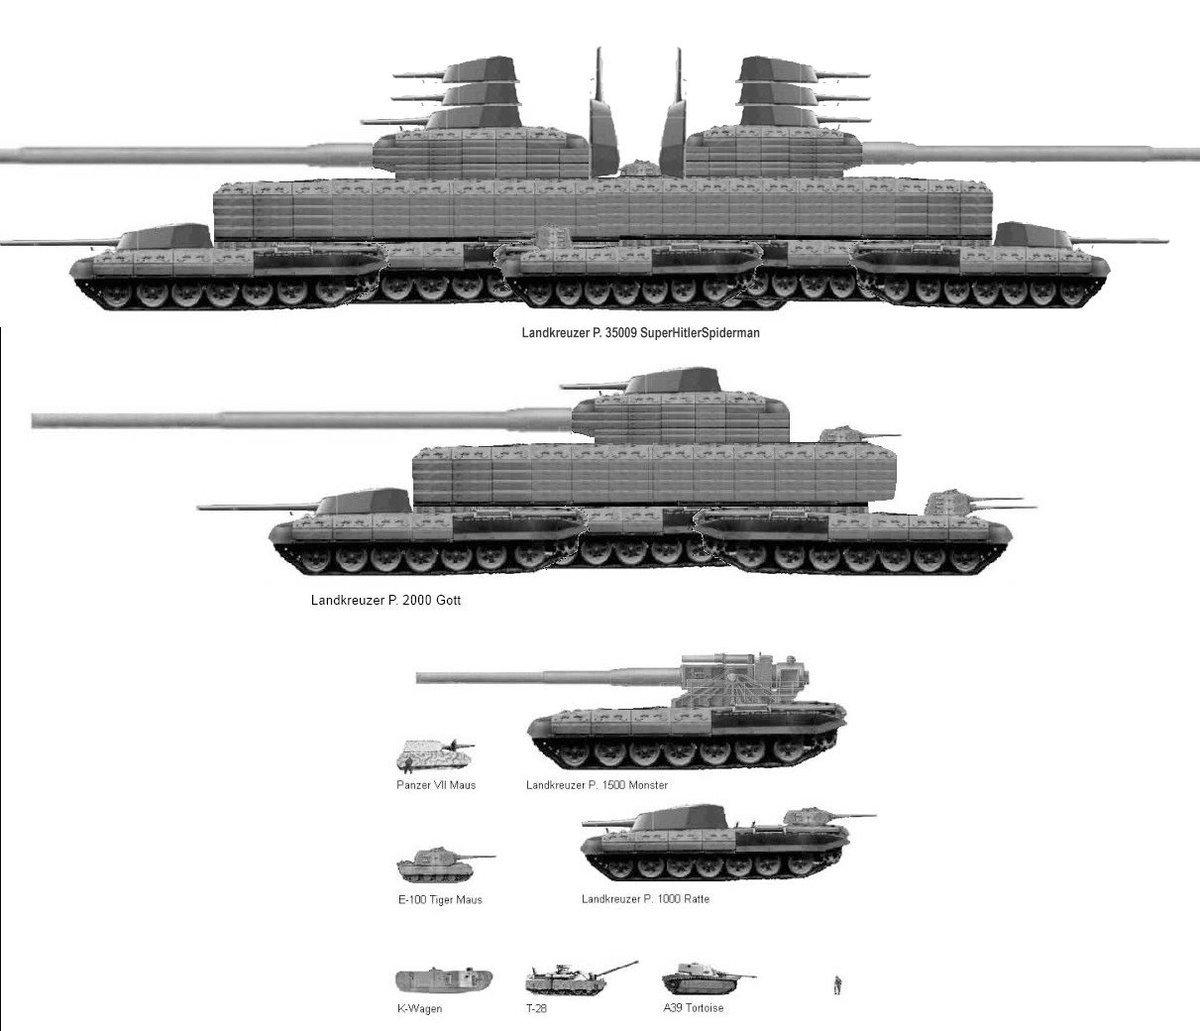 Proyectos alemanes de tanque para la segunda guerra mundial(los 4 más grandes no existen eran proyectos que se suspendieron) - meme